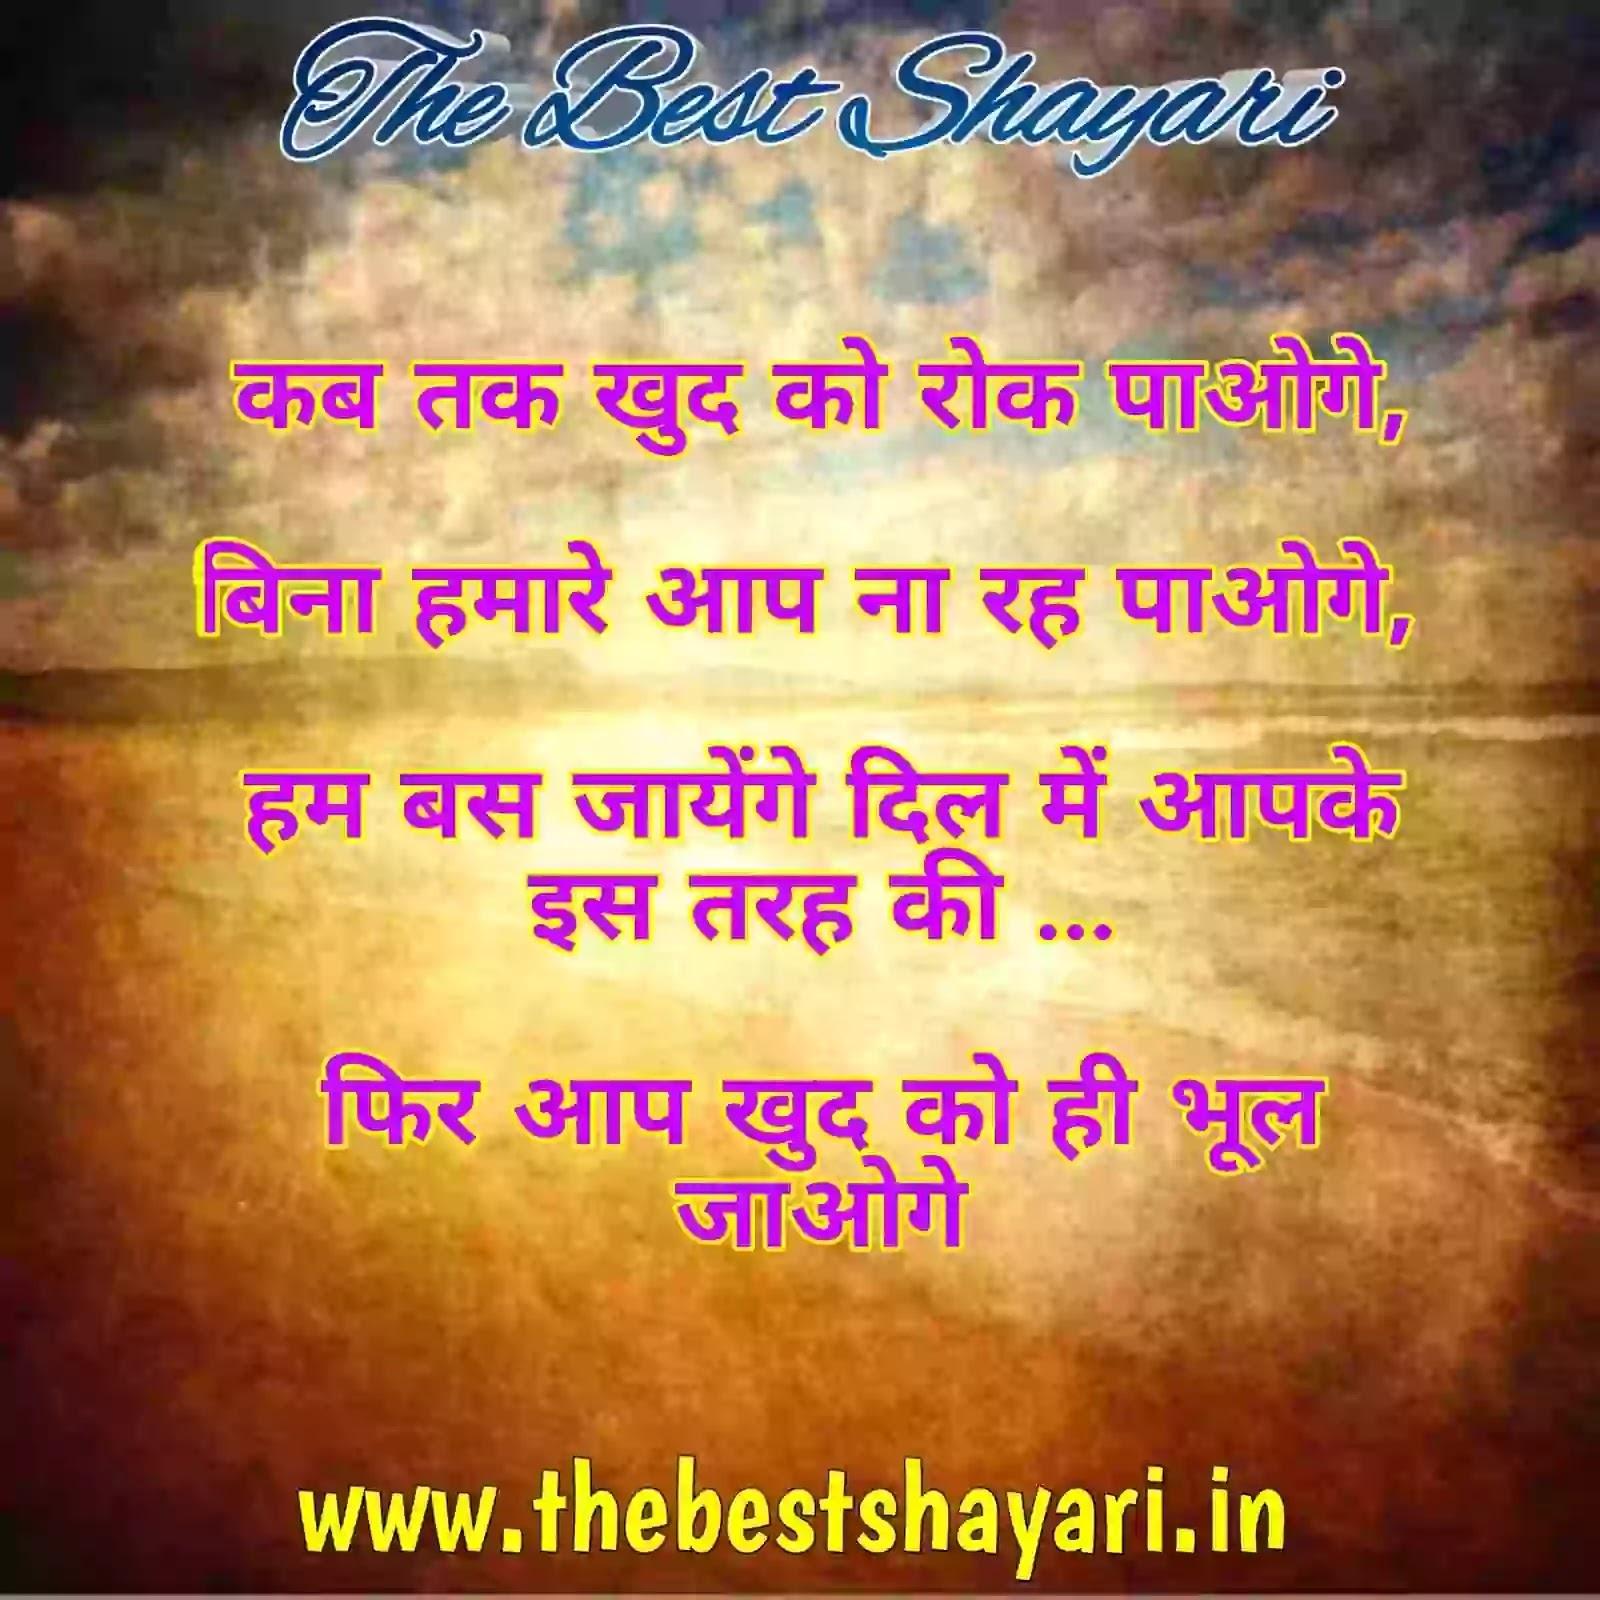 Love shayari pic Hindi